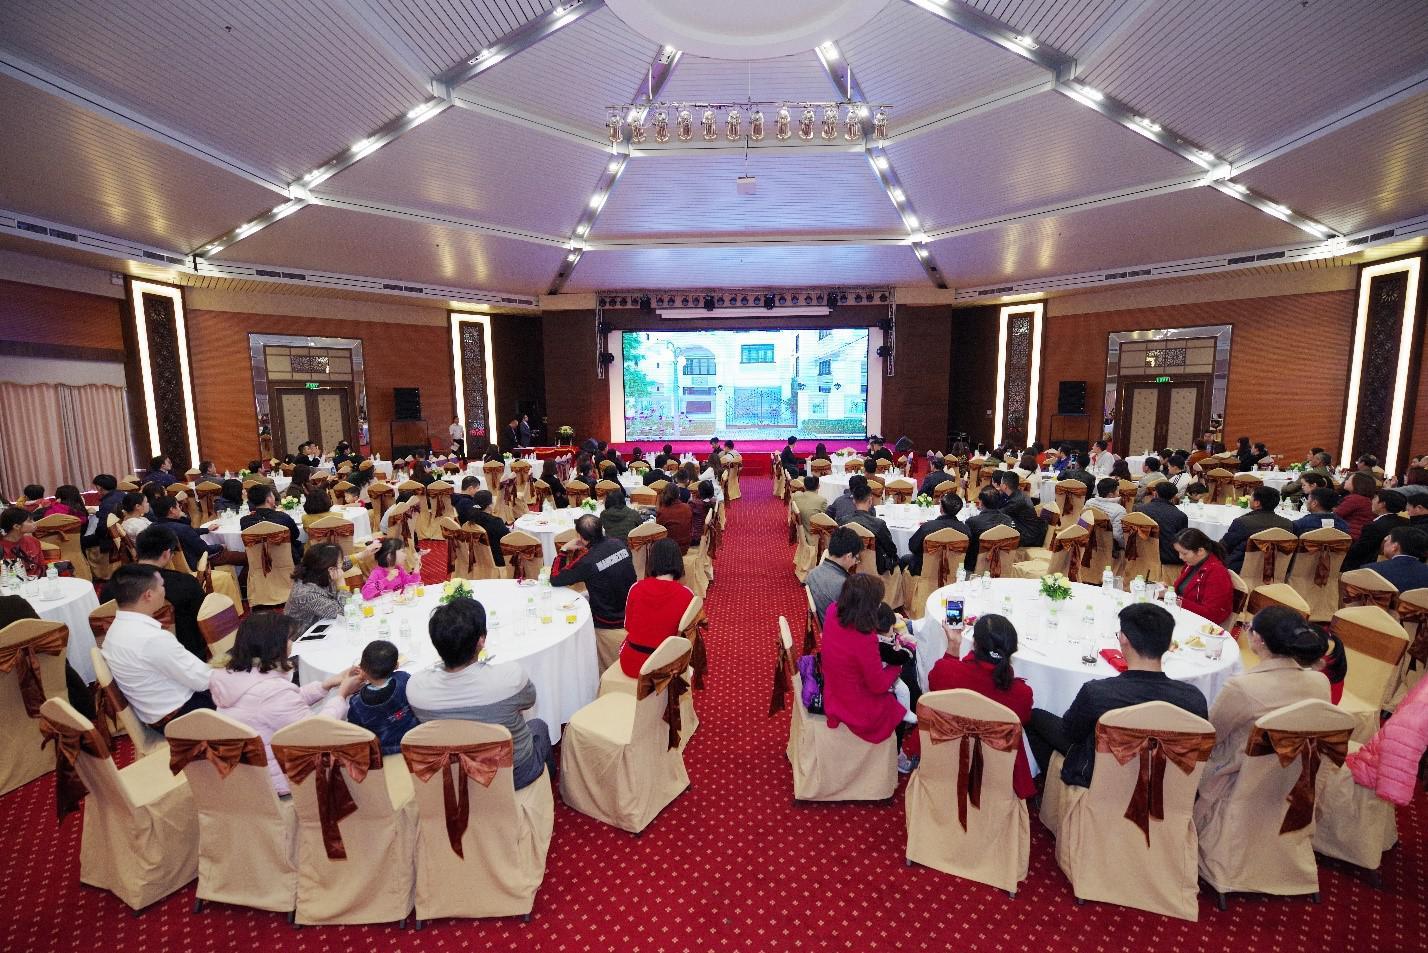 Tập đoàn Bách Việt tưng bừng ra mắt Tầng căn hộ mẫu và Công viên mùa xuân